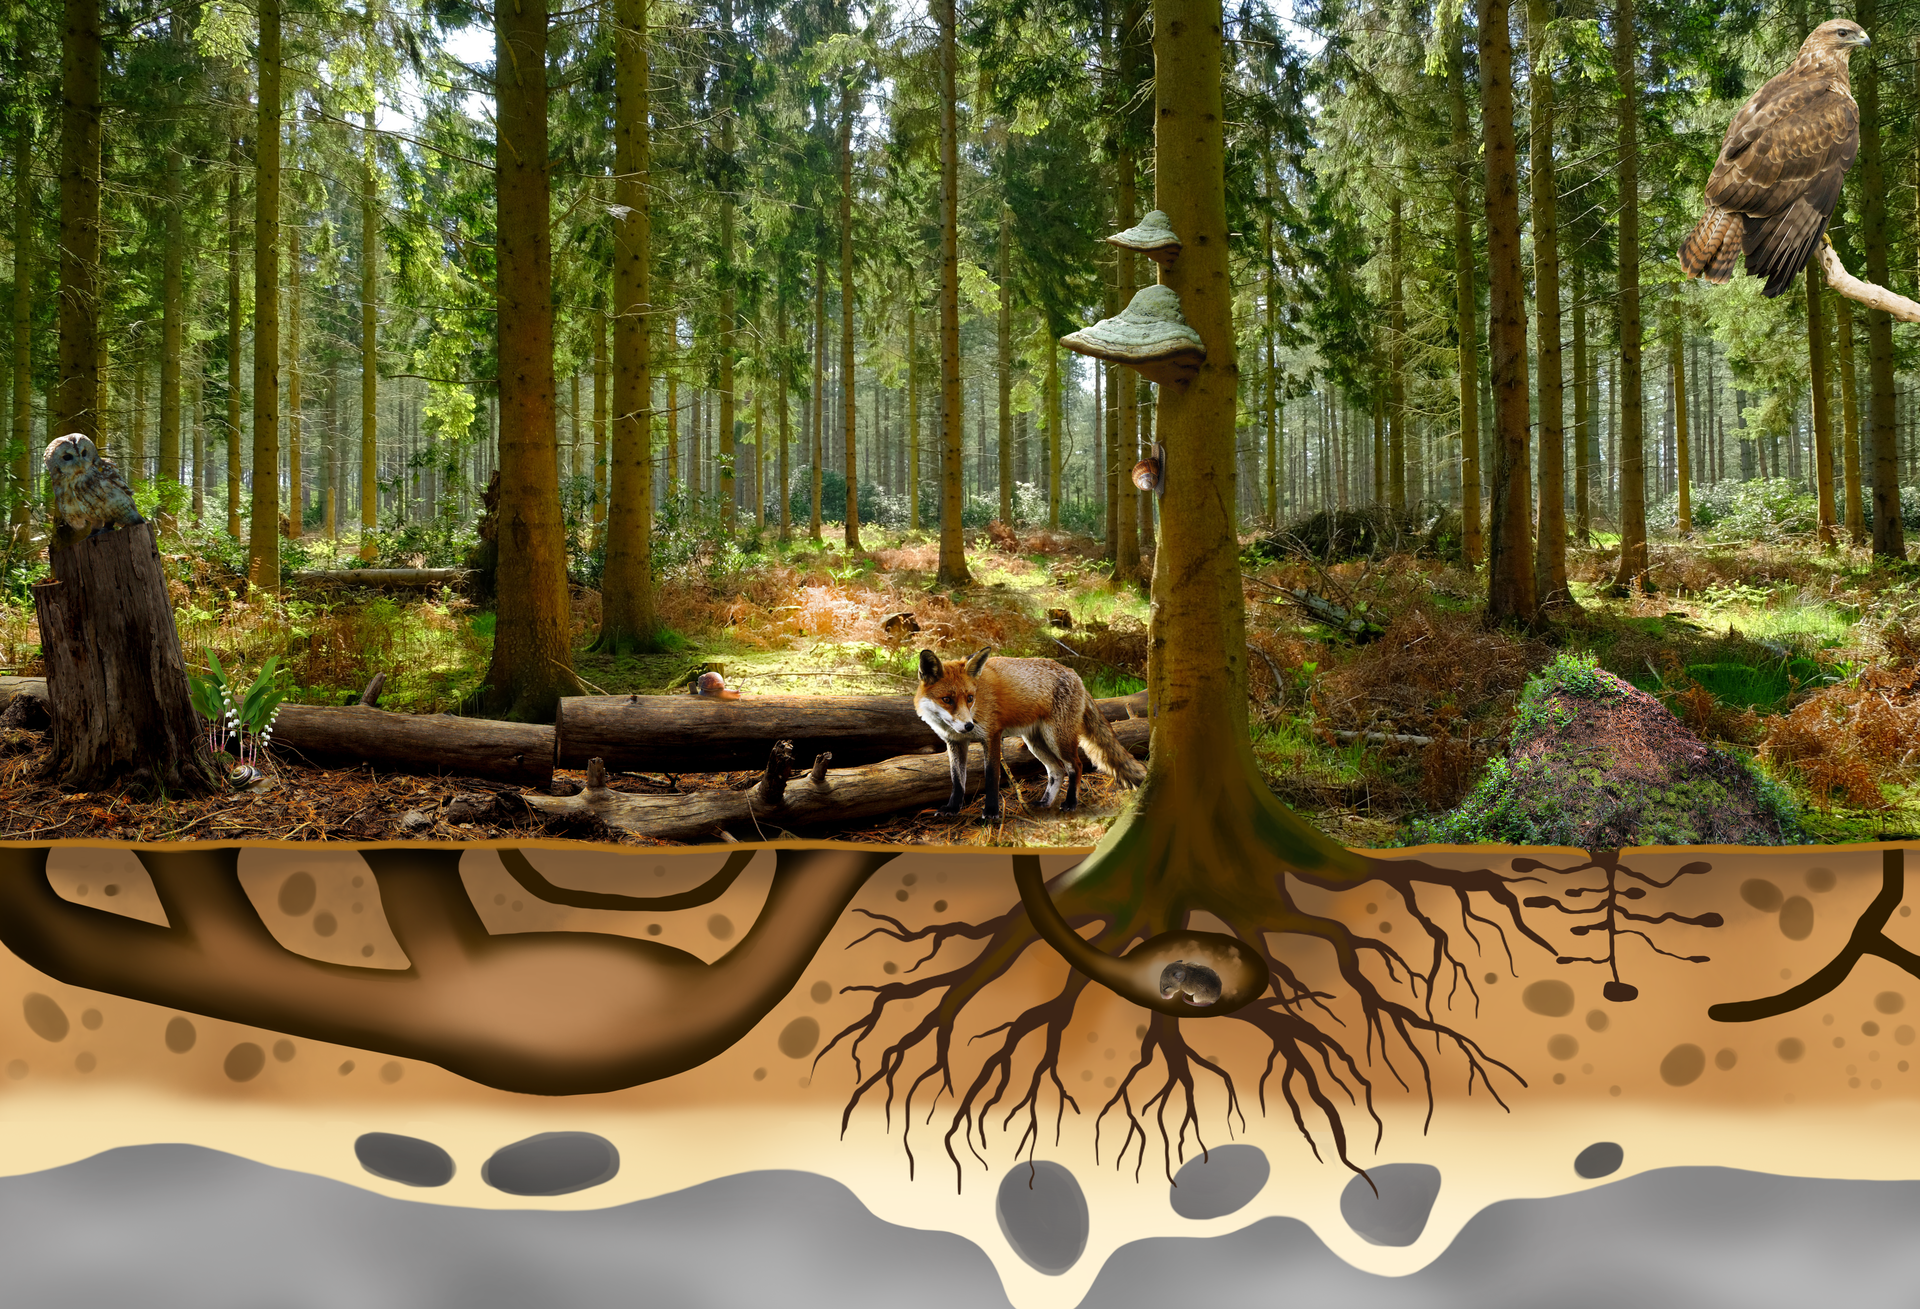 Grafika przedstawiająca żywe inieożywione elementy ekosystemu